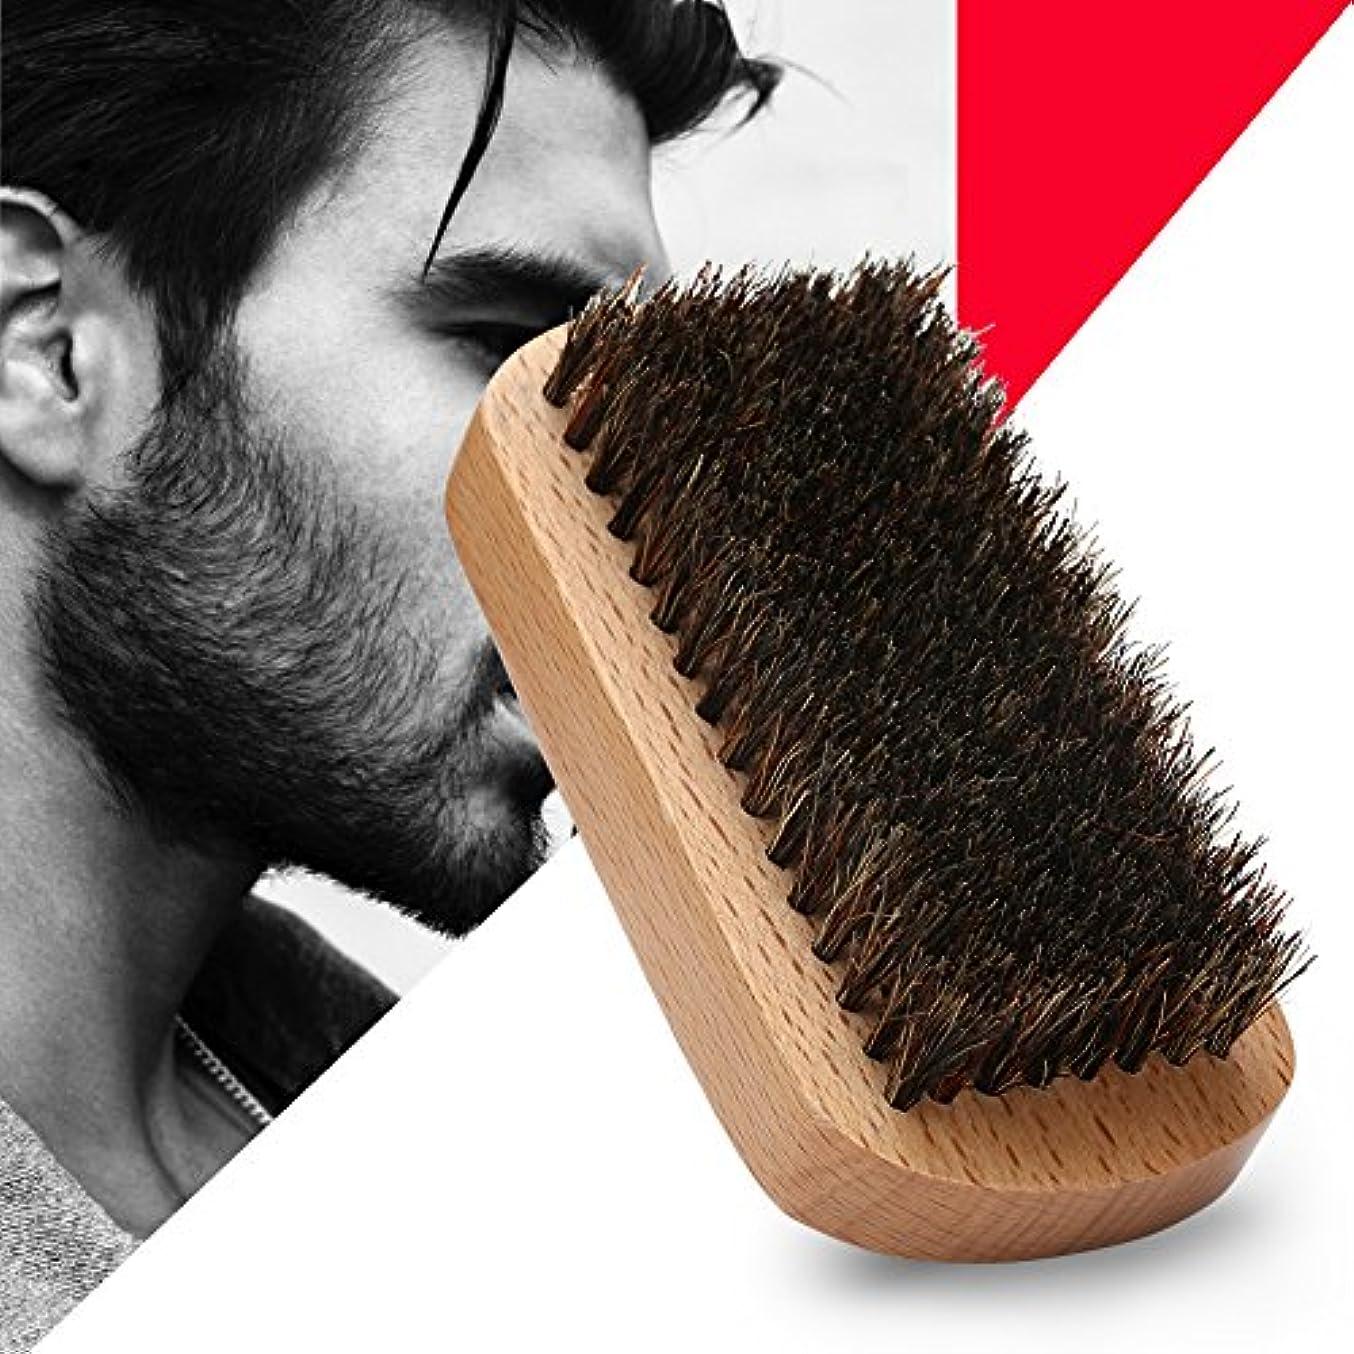 ジャンル拍車クモシェービングブラシ メンズ ウッド 豚剛毛 クリーニング 髭剃り 泡立ち 洗顔ブラシ メンズ ブラック 長方形